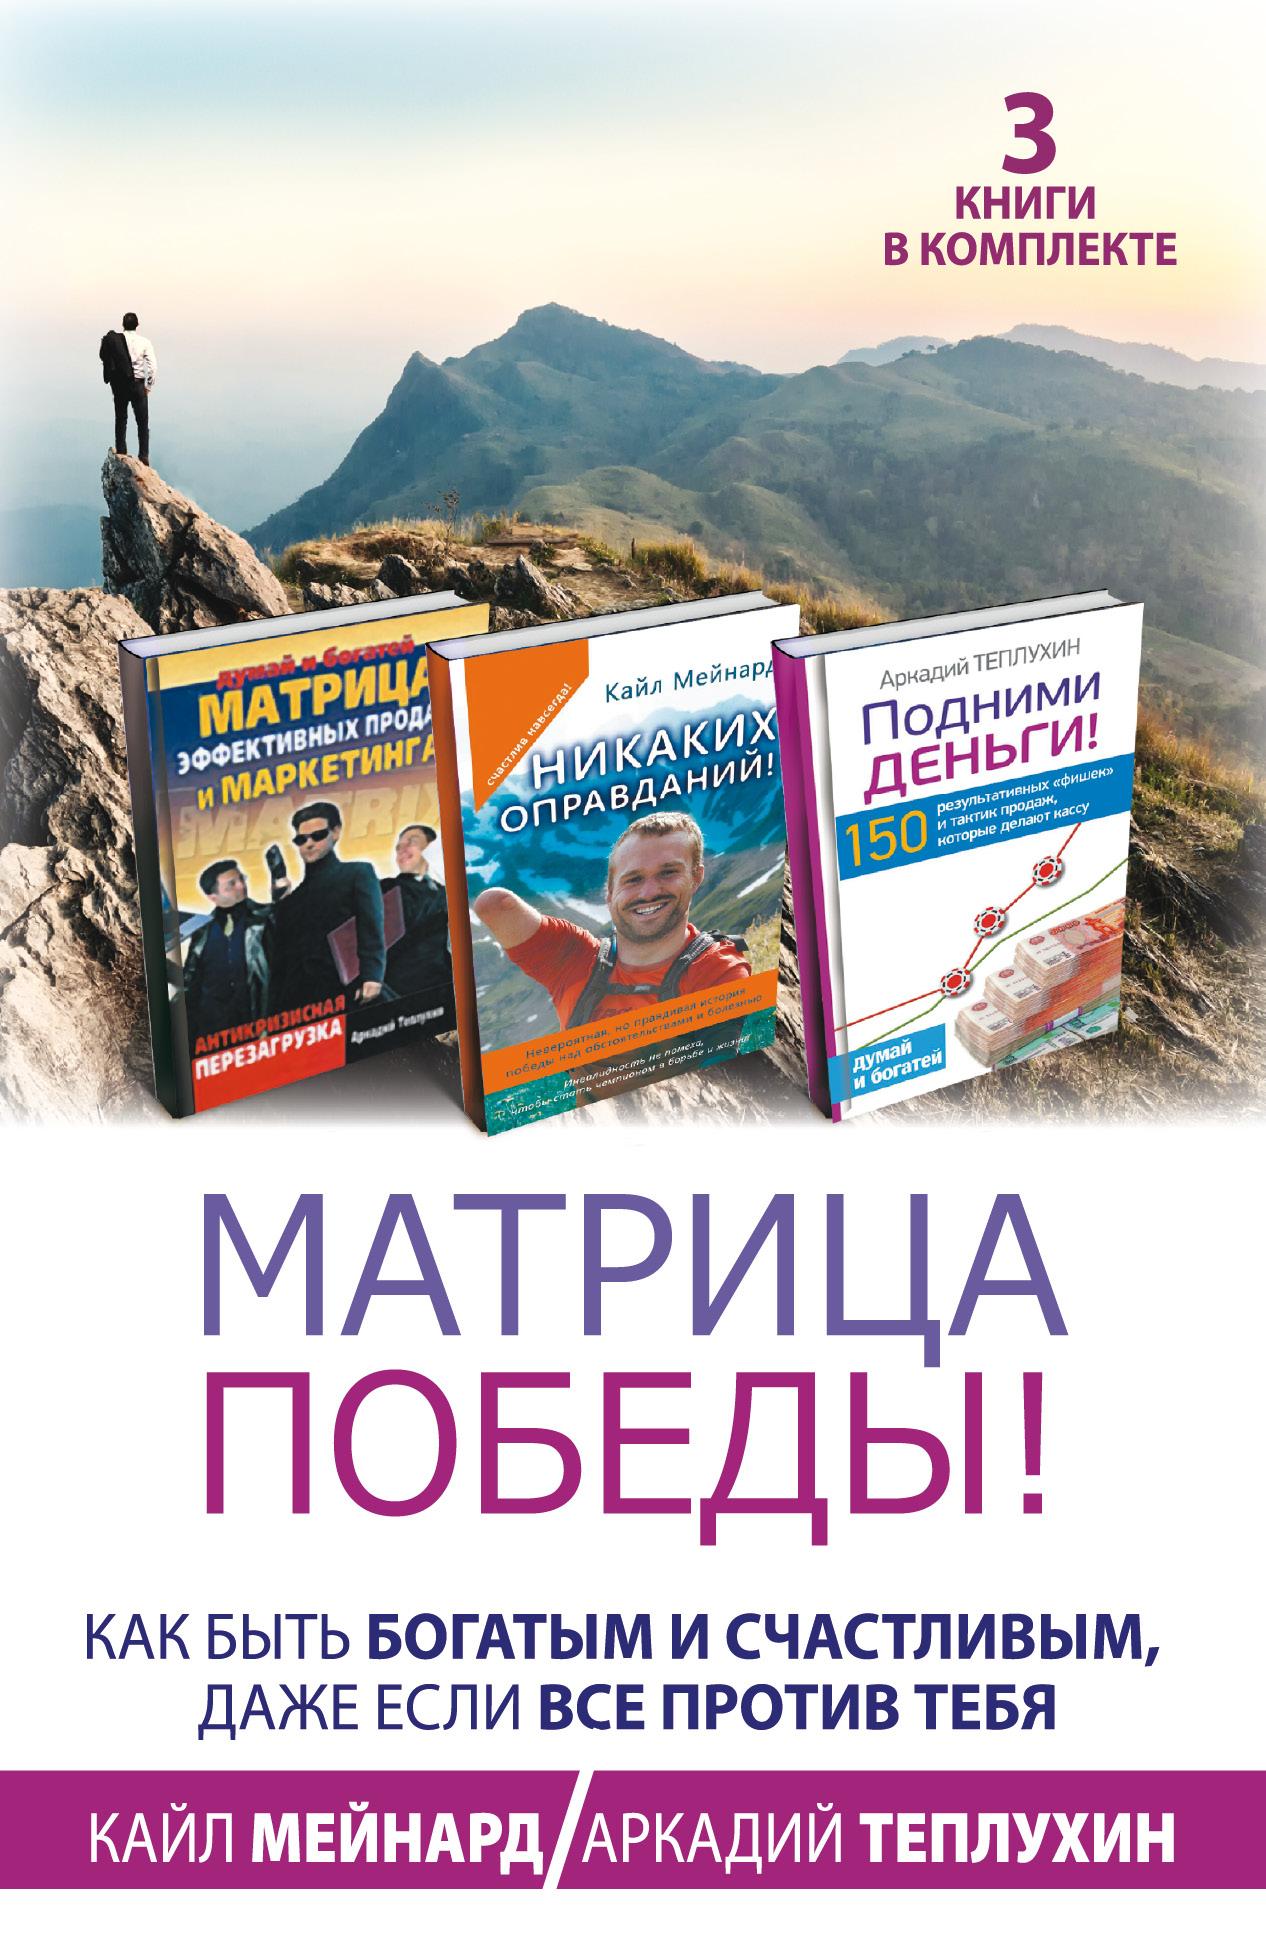 Кайл Мейнард, Аркадий Теплухин Матрица победы! Как быть богатым и счастливым, даже если все против тебя. 3 книги в комплекте